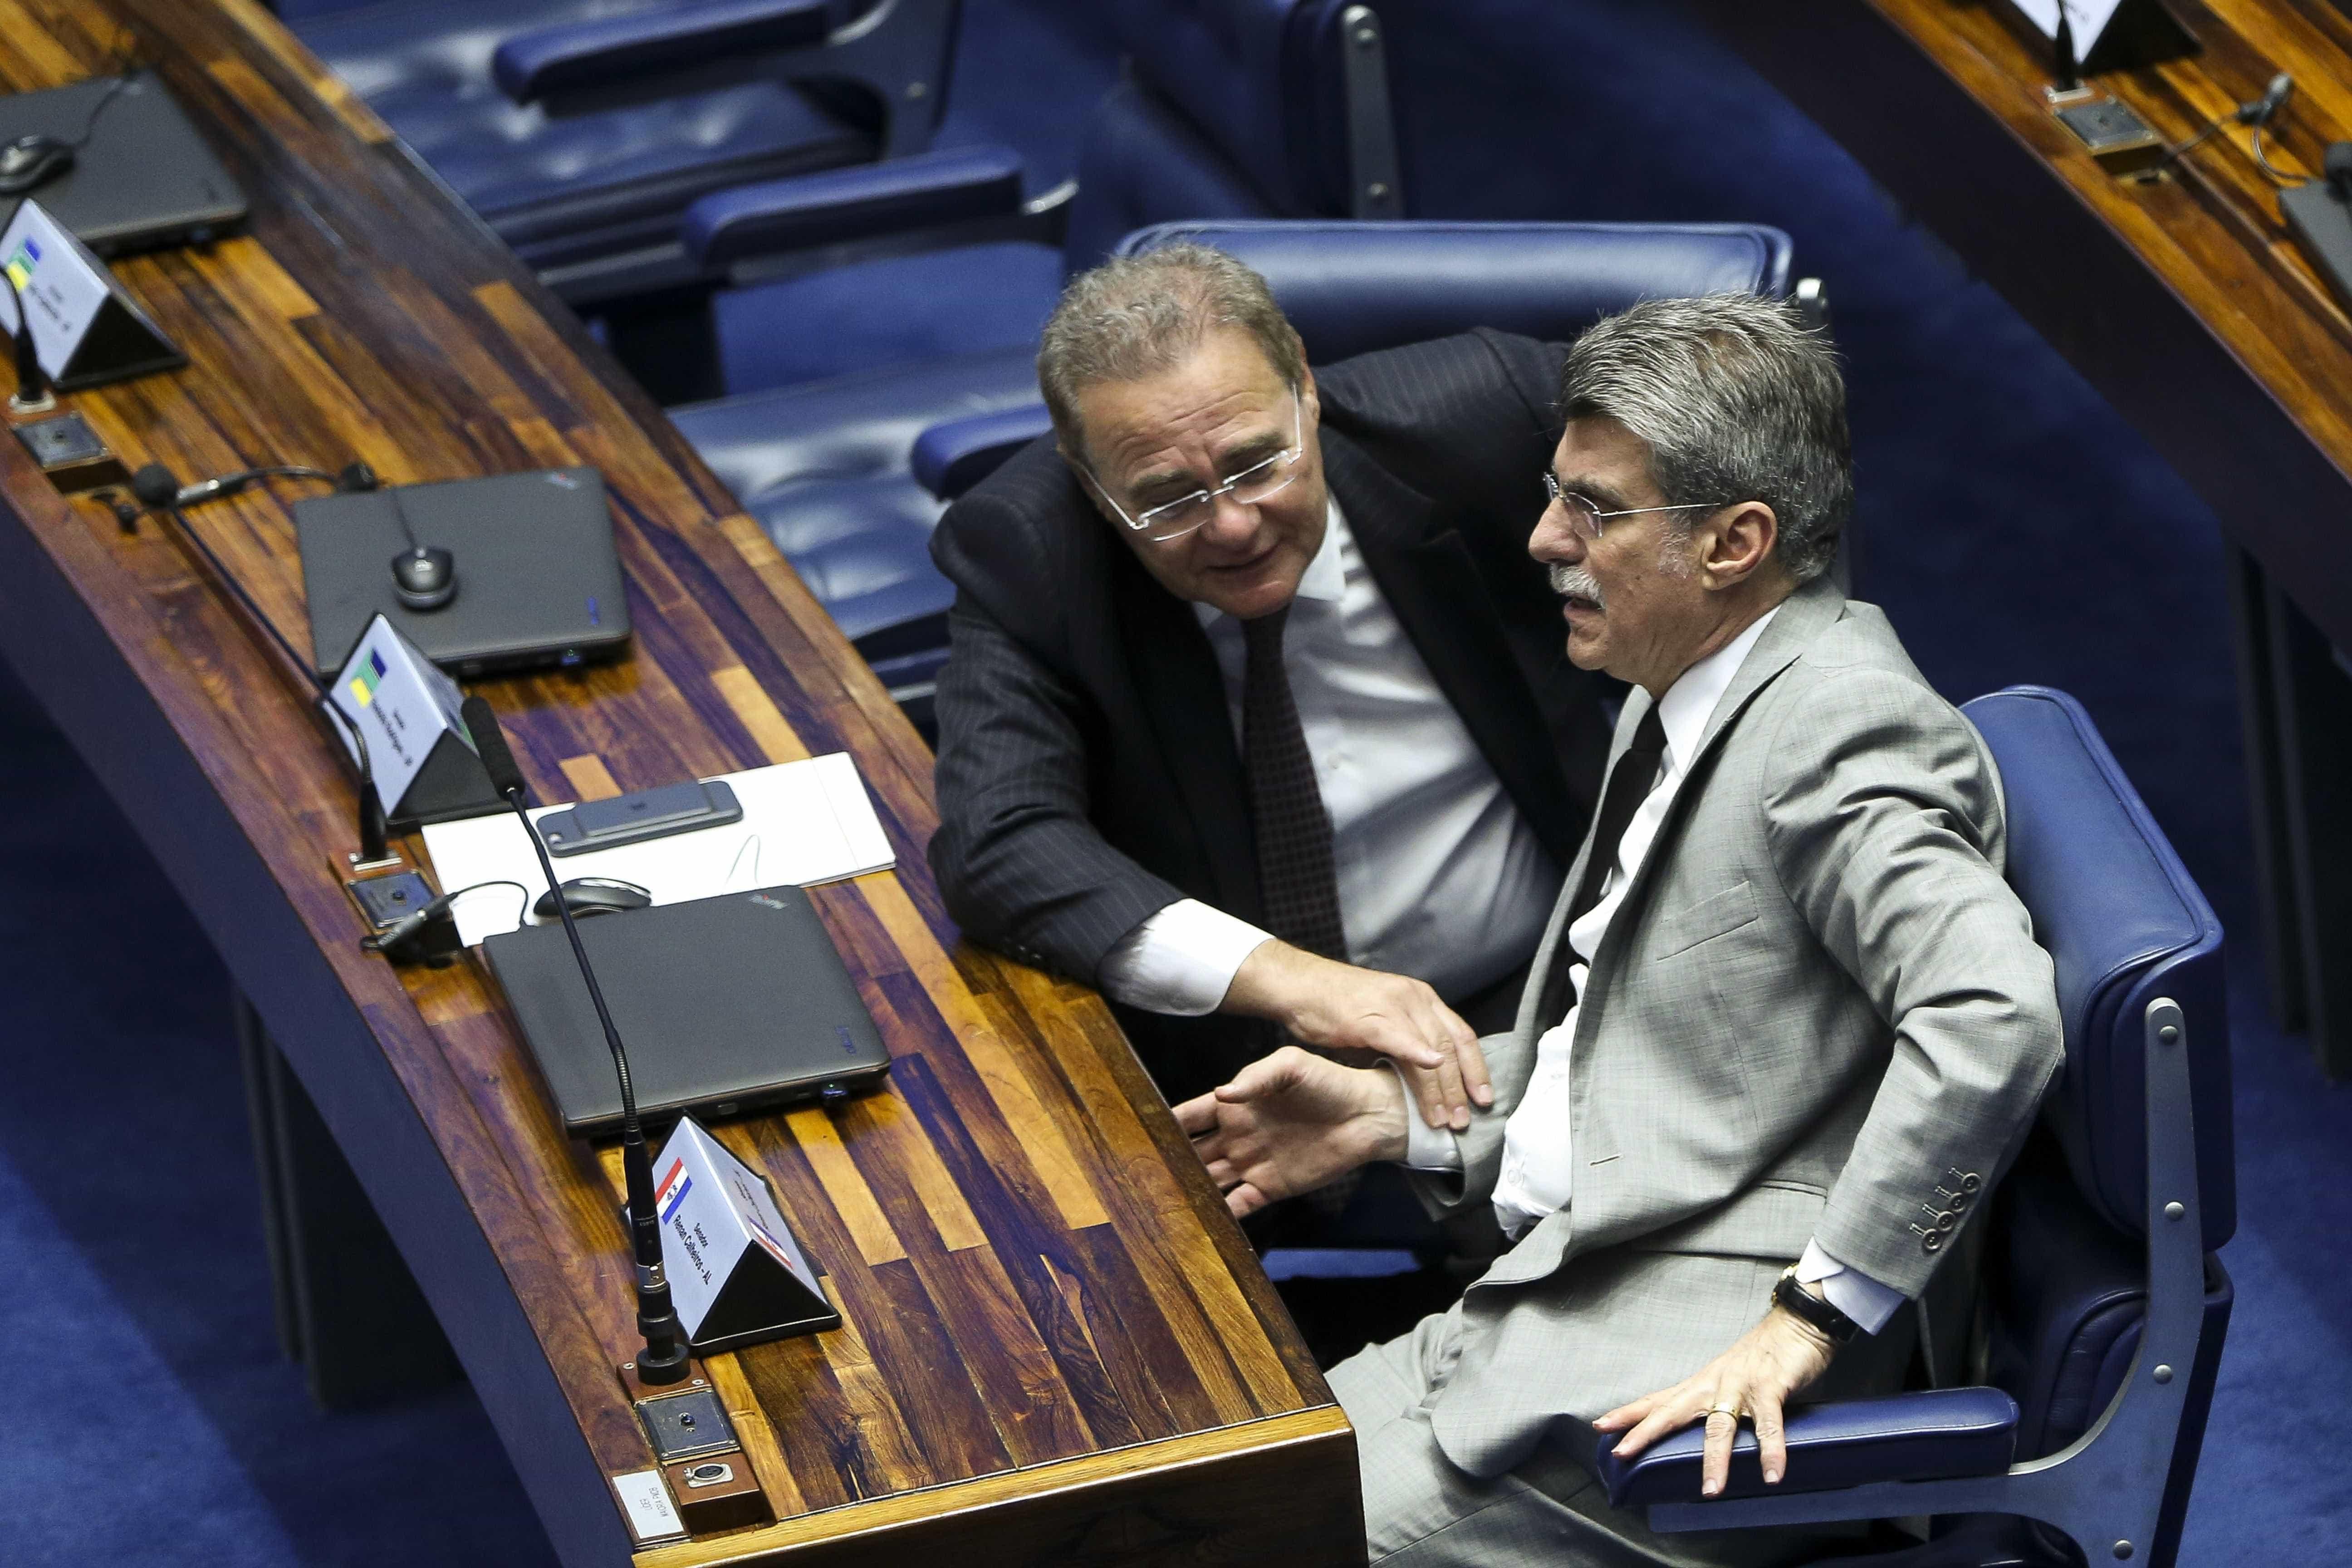 Fachin determina abertura de inquérito contra caciques do MDB no Senado